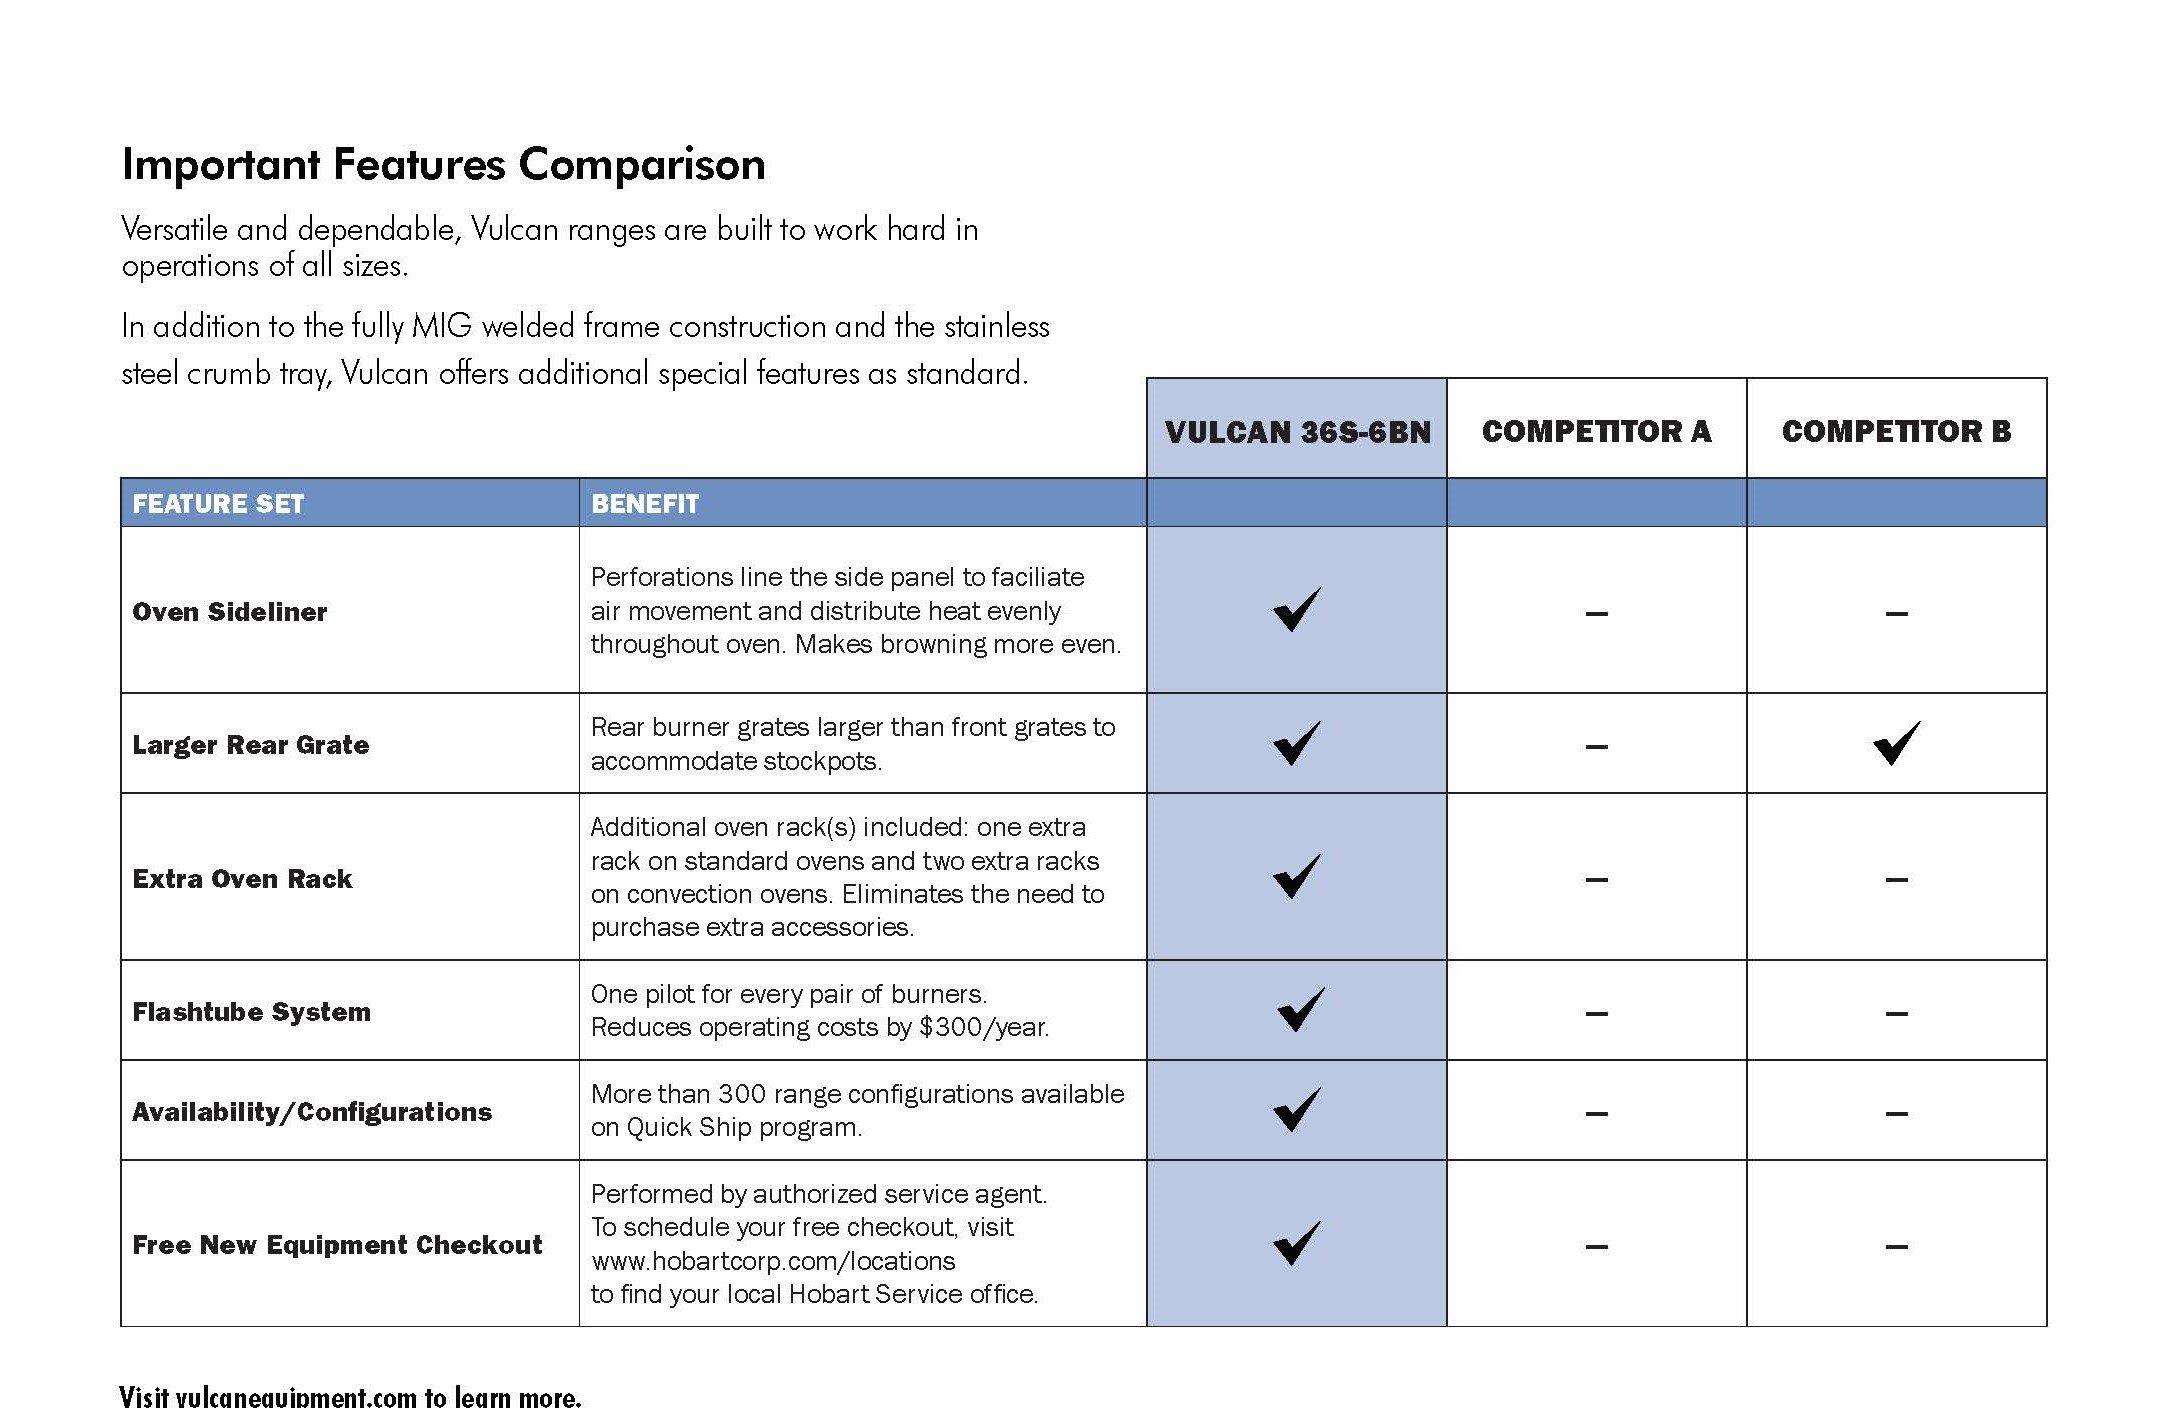 Medium Duty Ranges Product Comparison_Page_2 (2)